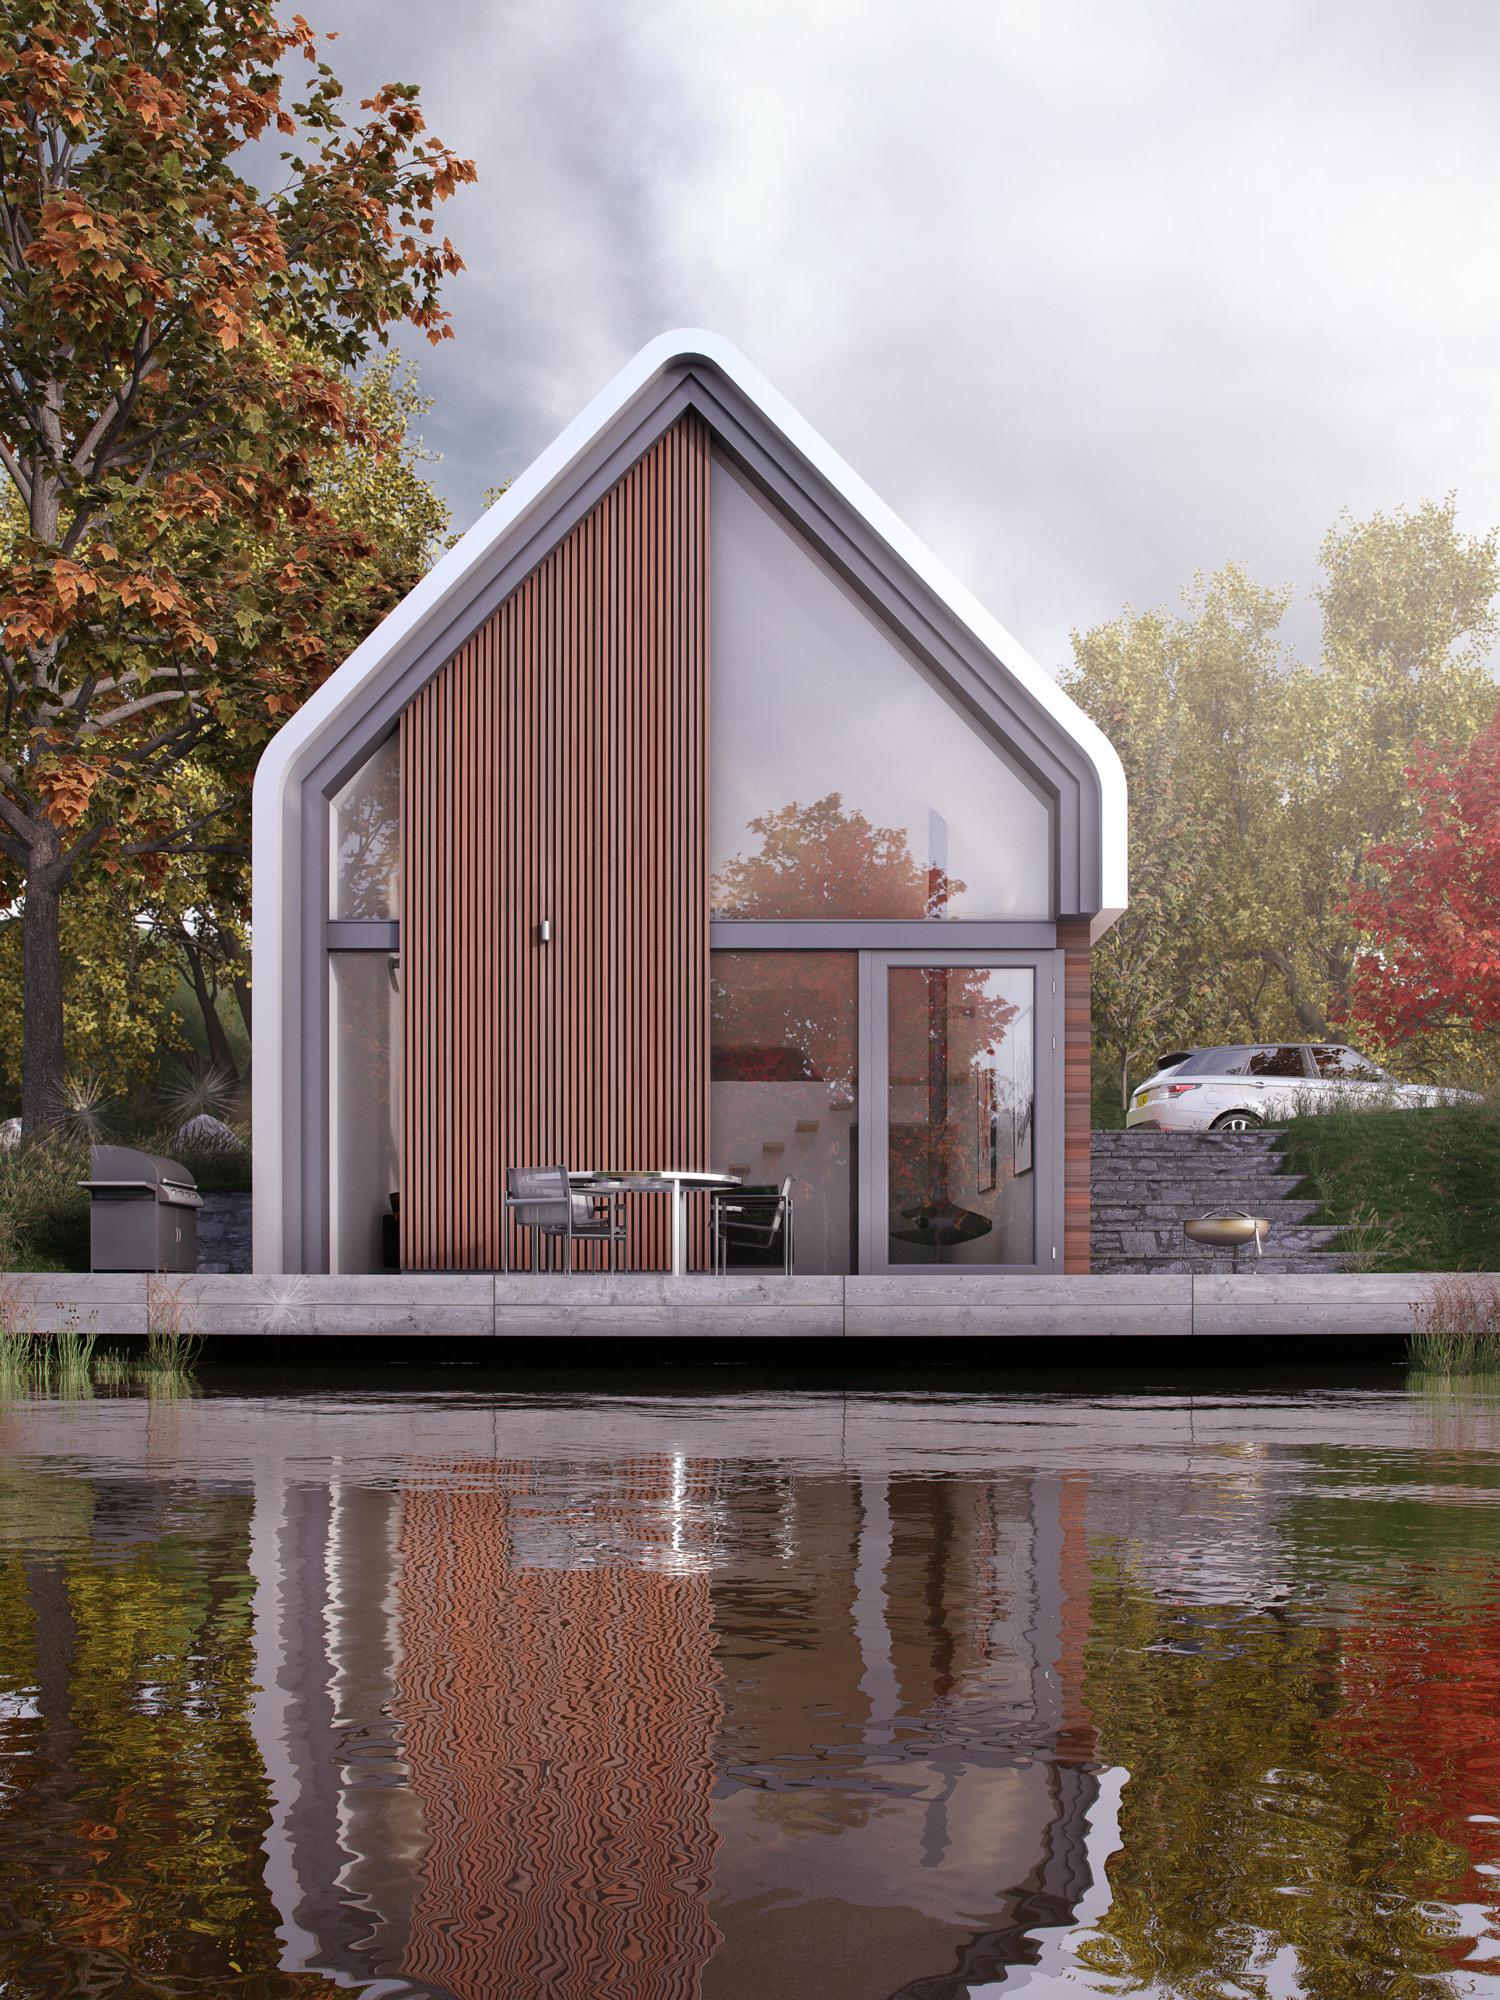 Lake house, Dusk, Night, Architectural Visualisation, CGI